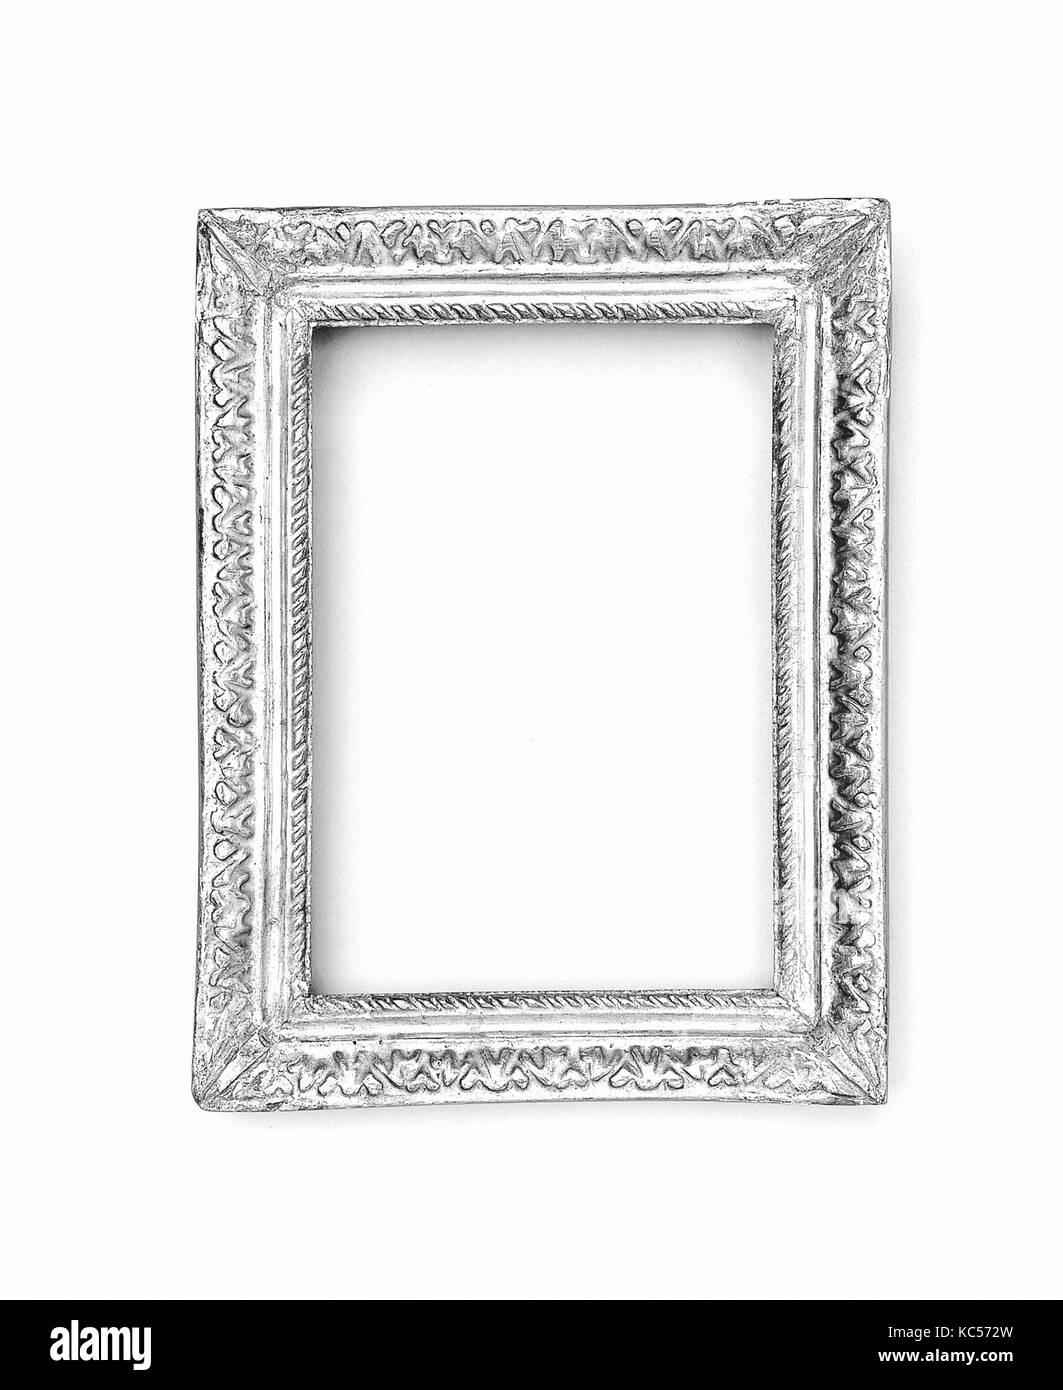 Ovolo Frame Imágenes De Stock & Ovolo Frame Fotos De Stock - Alamy